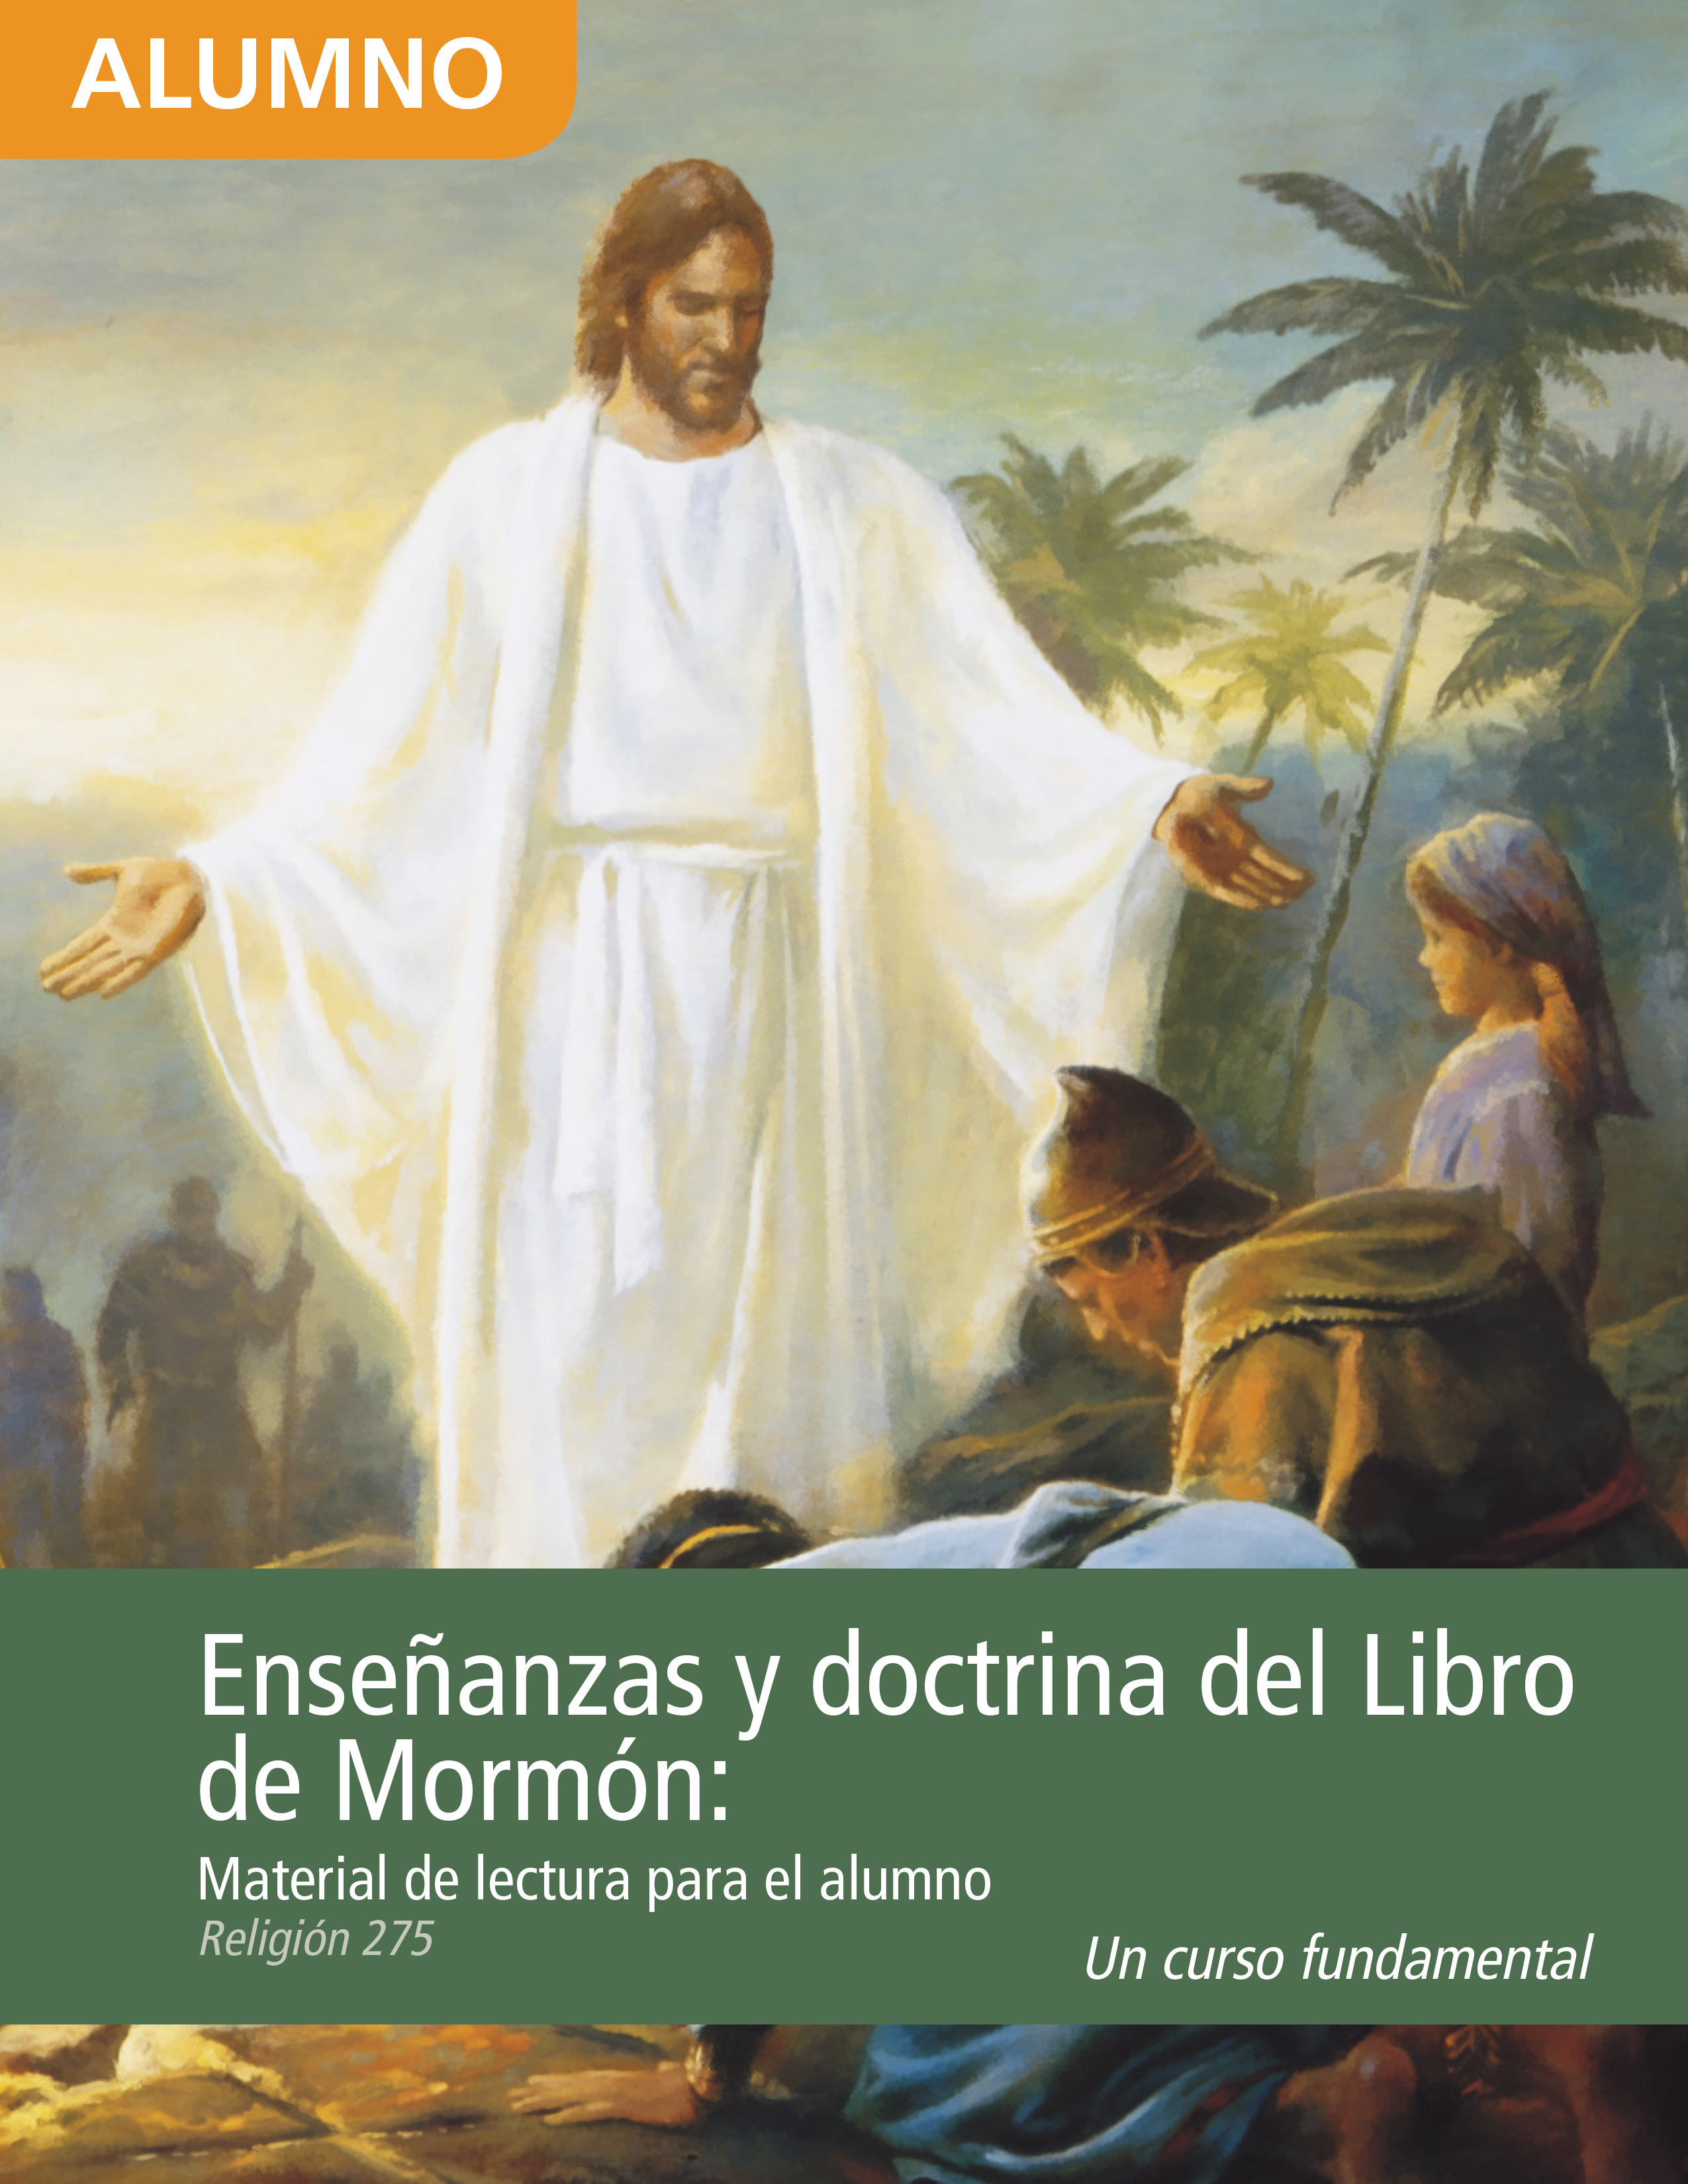 Enseñanzas y doctrina del Libro de Mormón: Lecturas para el alumno (Religión 275)